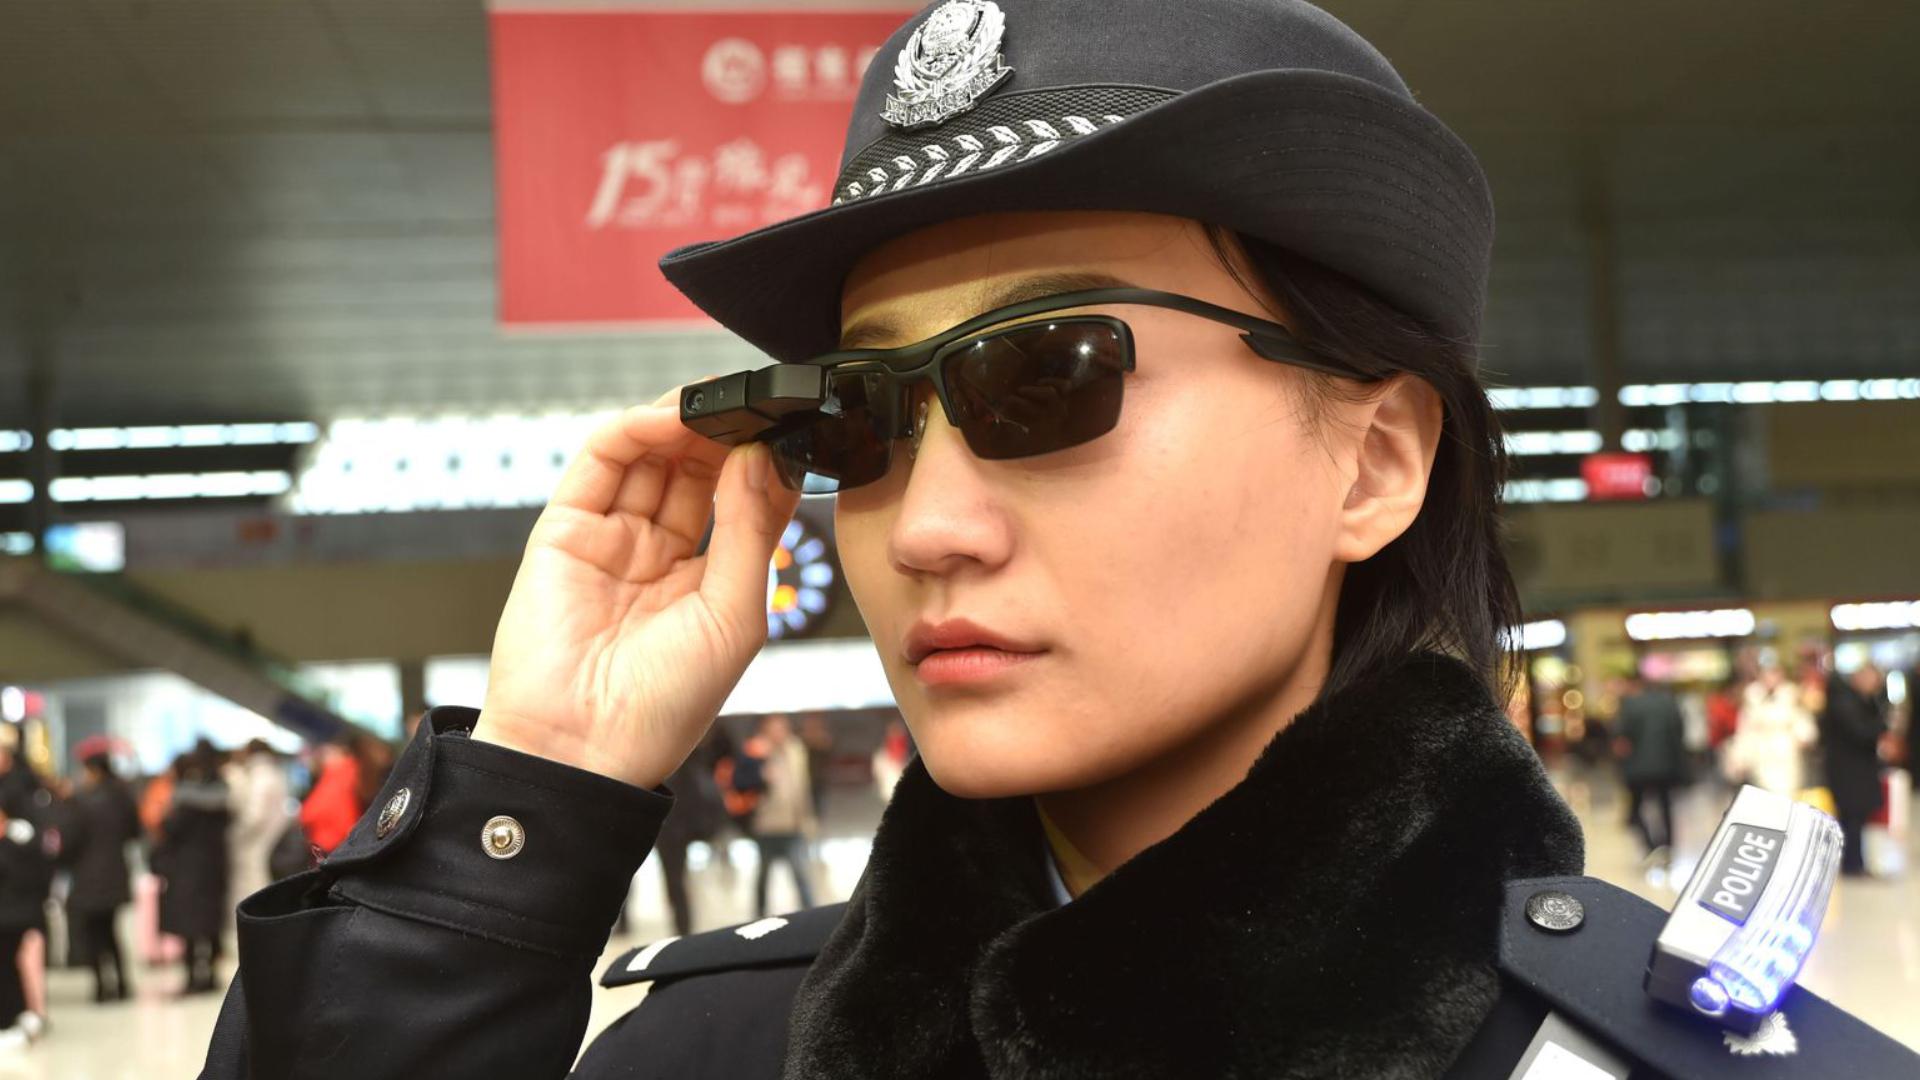 Умные очки для китайской полиции